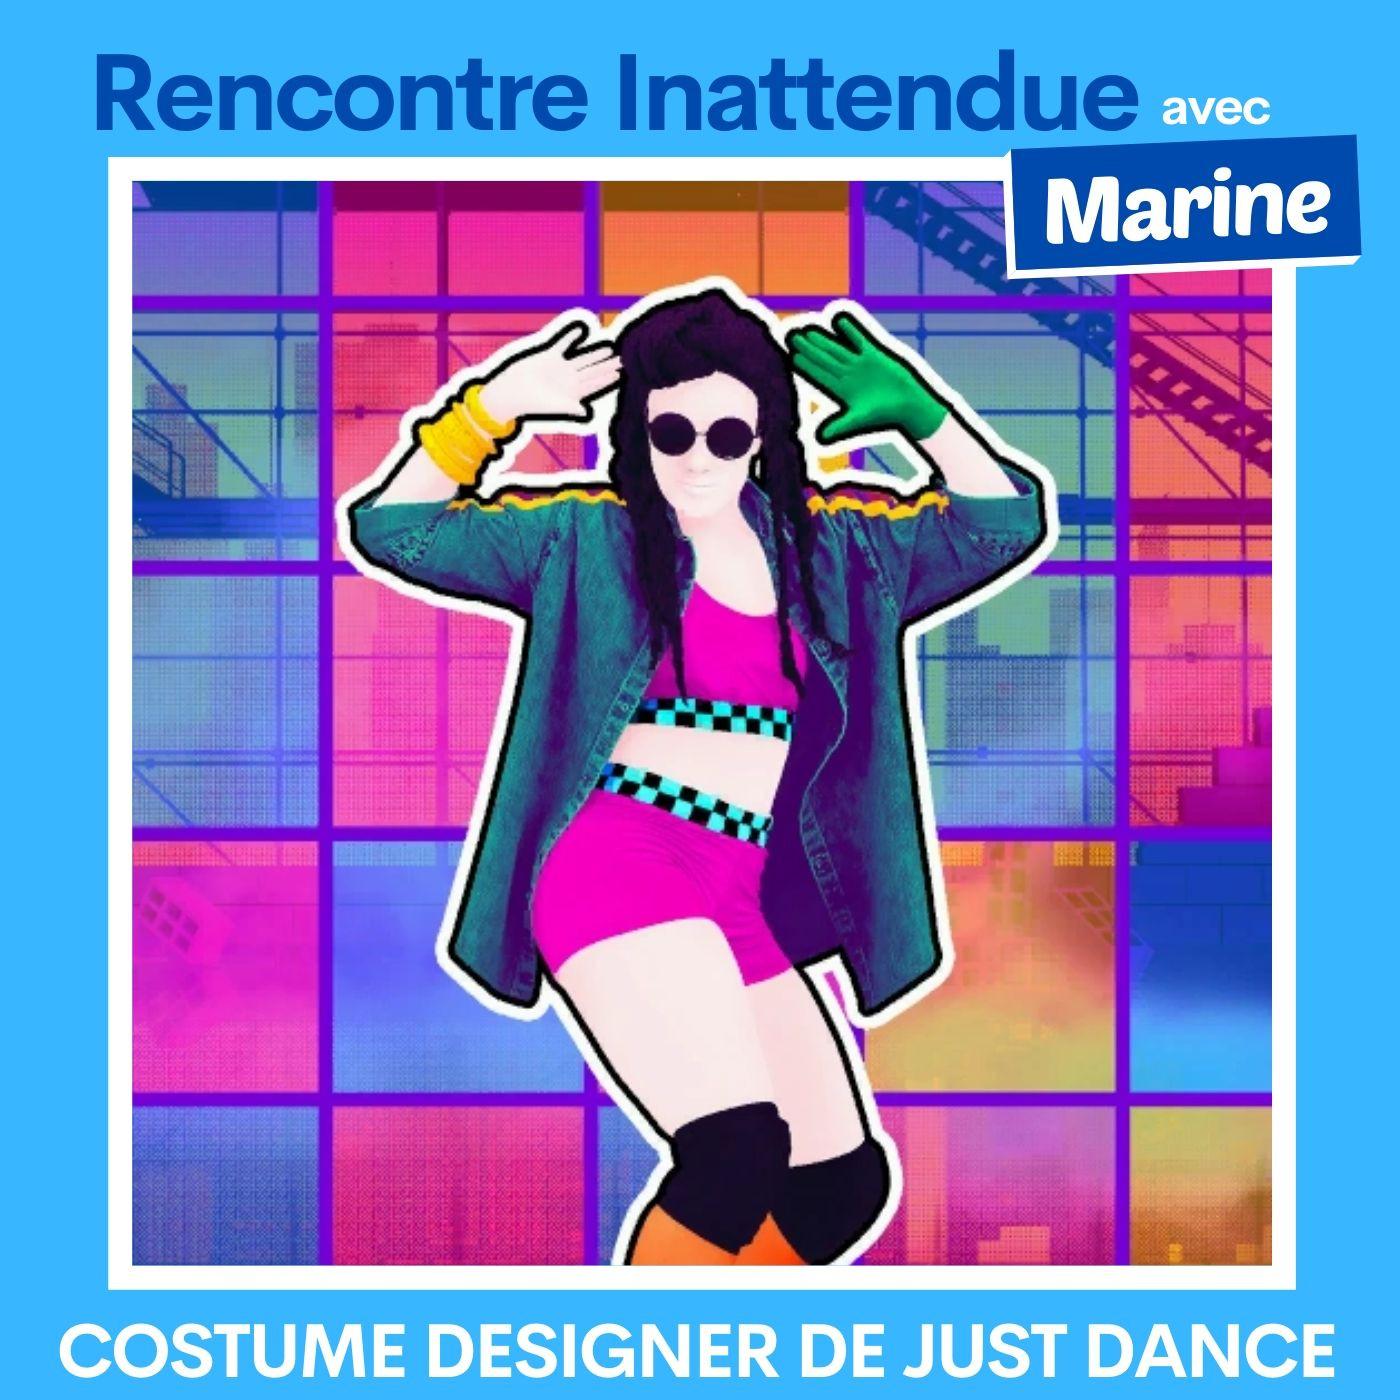 #03 - Marine, costume designer de Just Dance